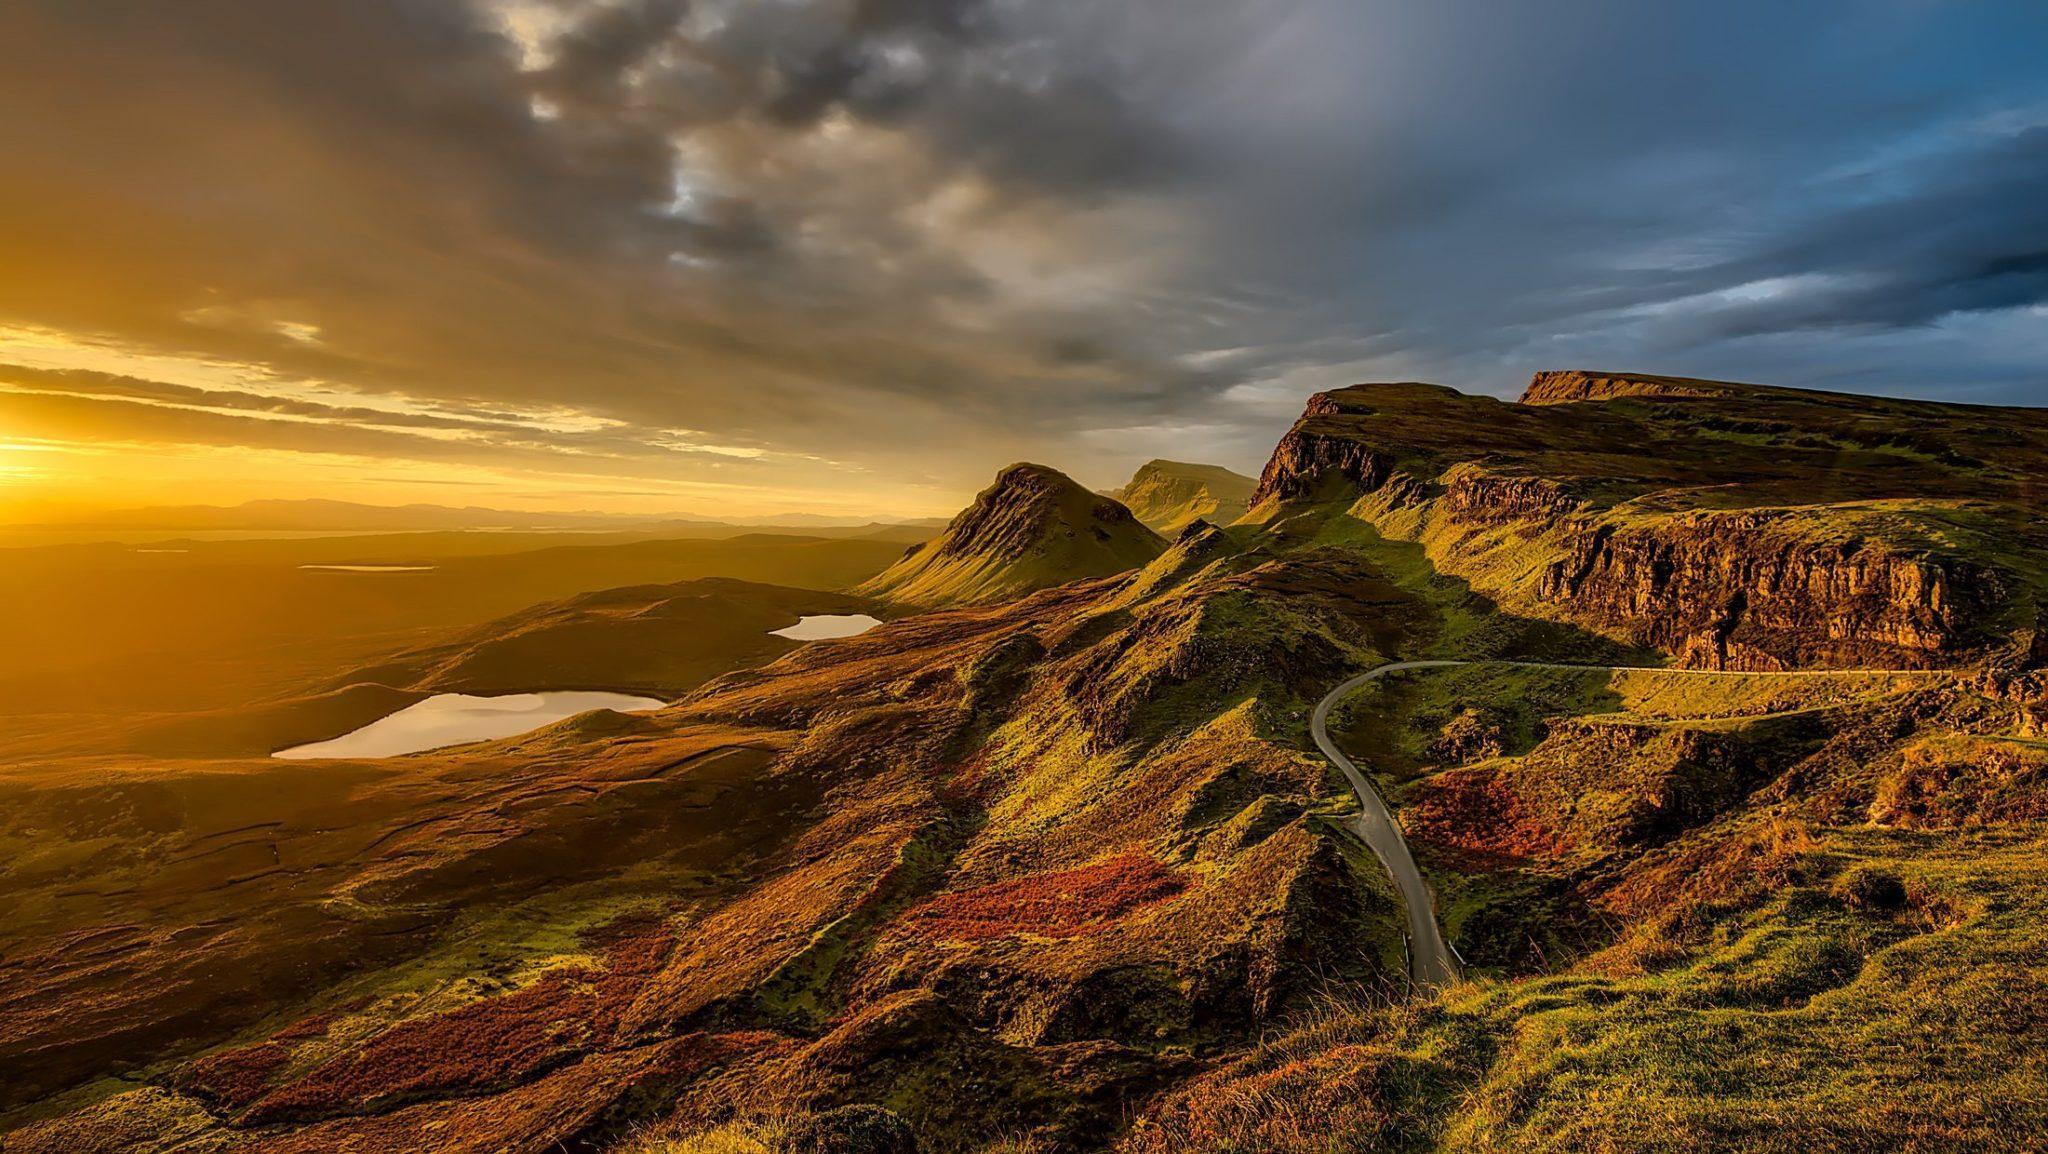 шотландия, пейзаж, природа, горы, холмы, закат, небо